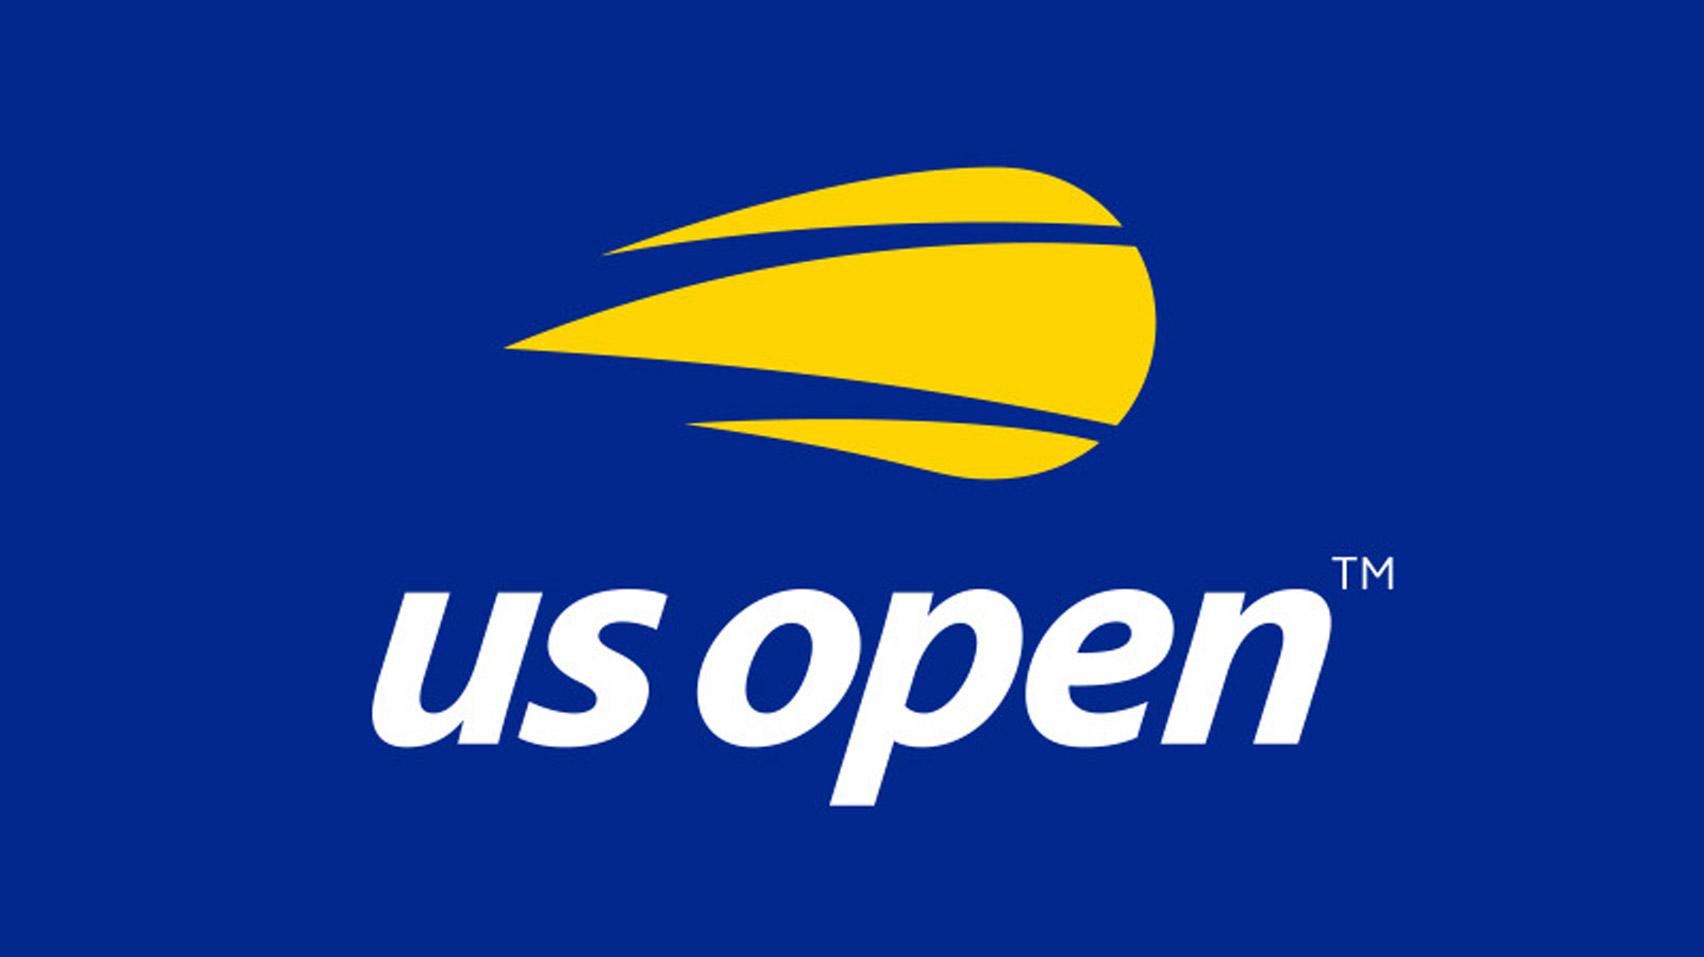 US Open logo, © US Open